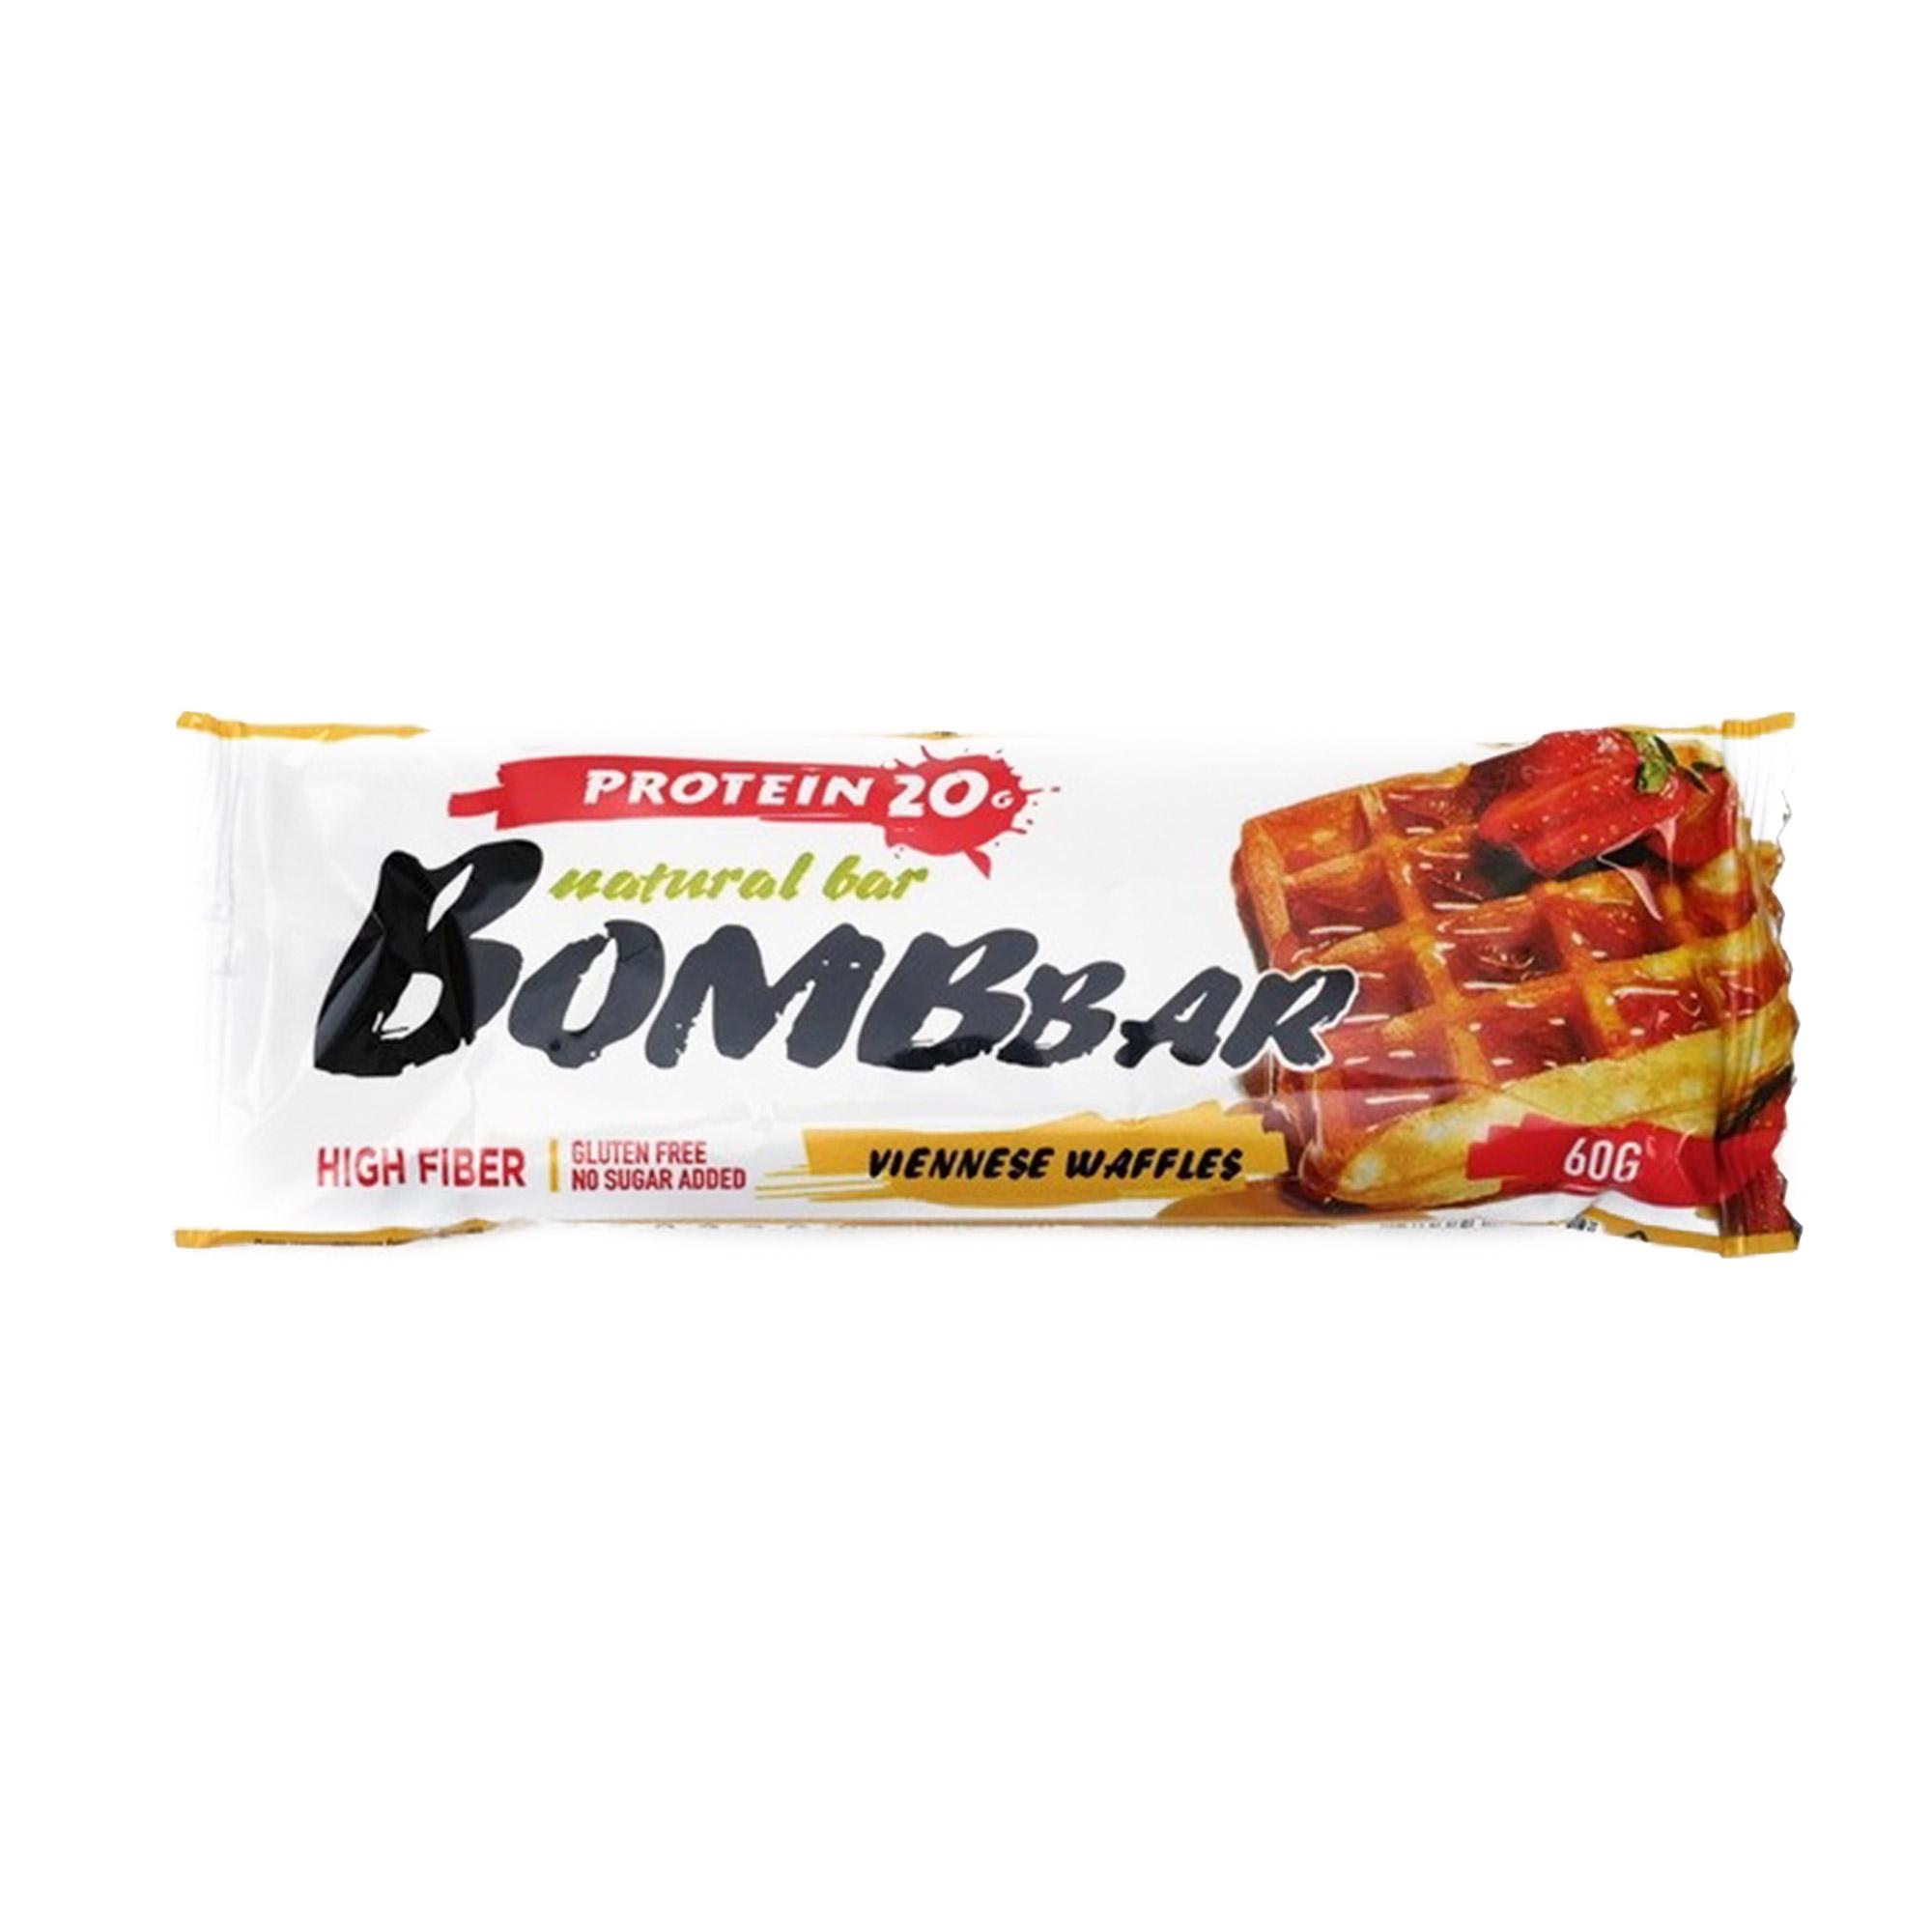 Протеиновый батончик Bombbar венские вафли, 60 г батончик протеиновый bombbar датский бисквит 60 г